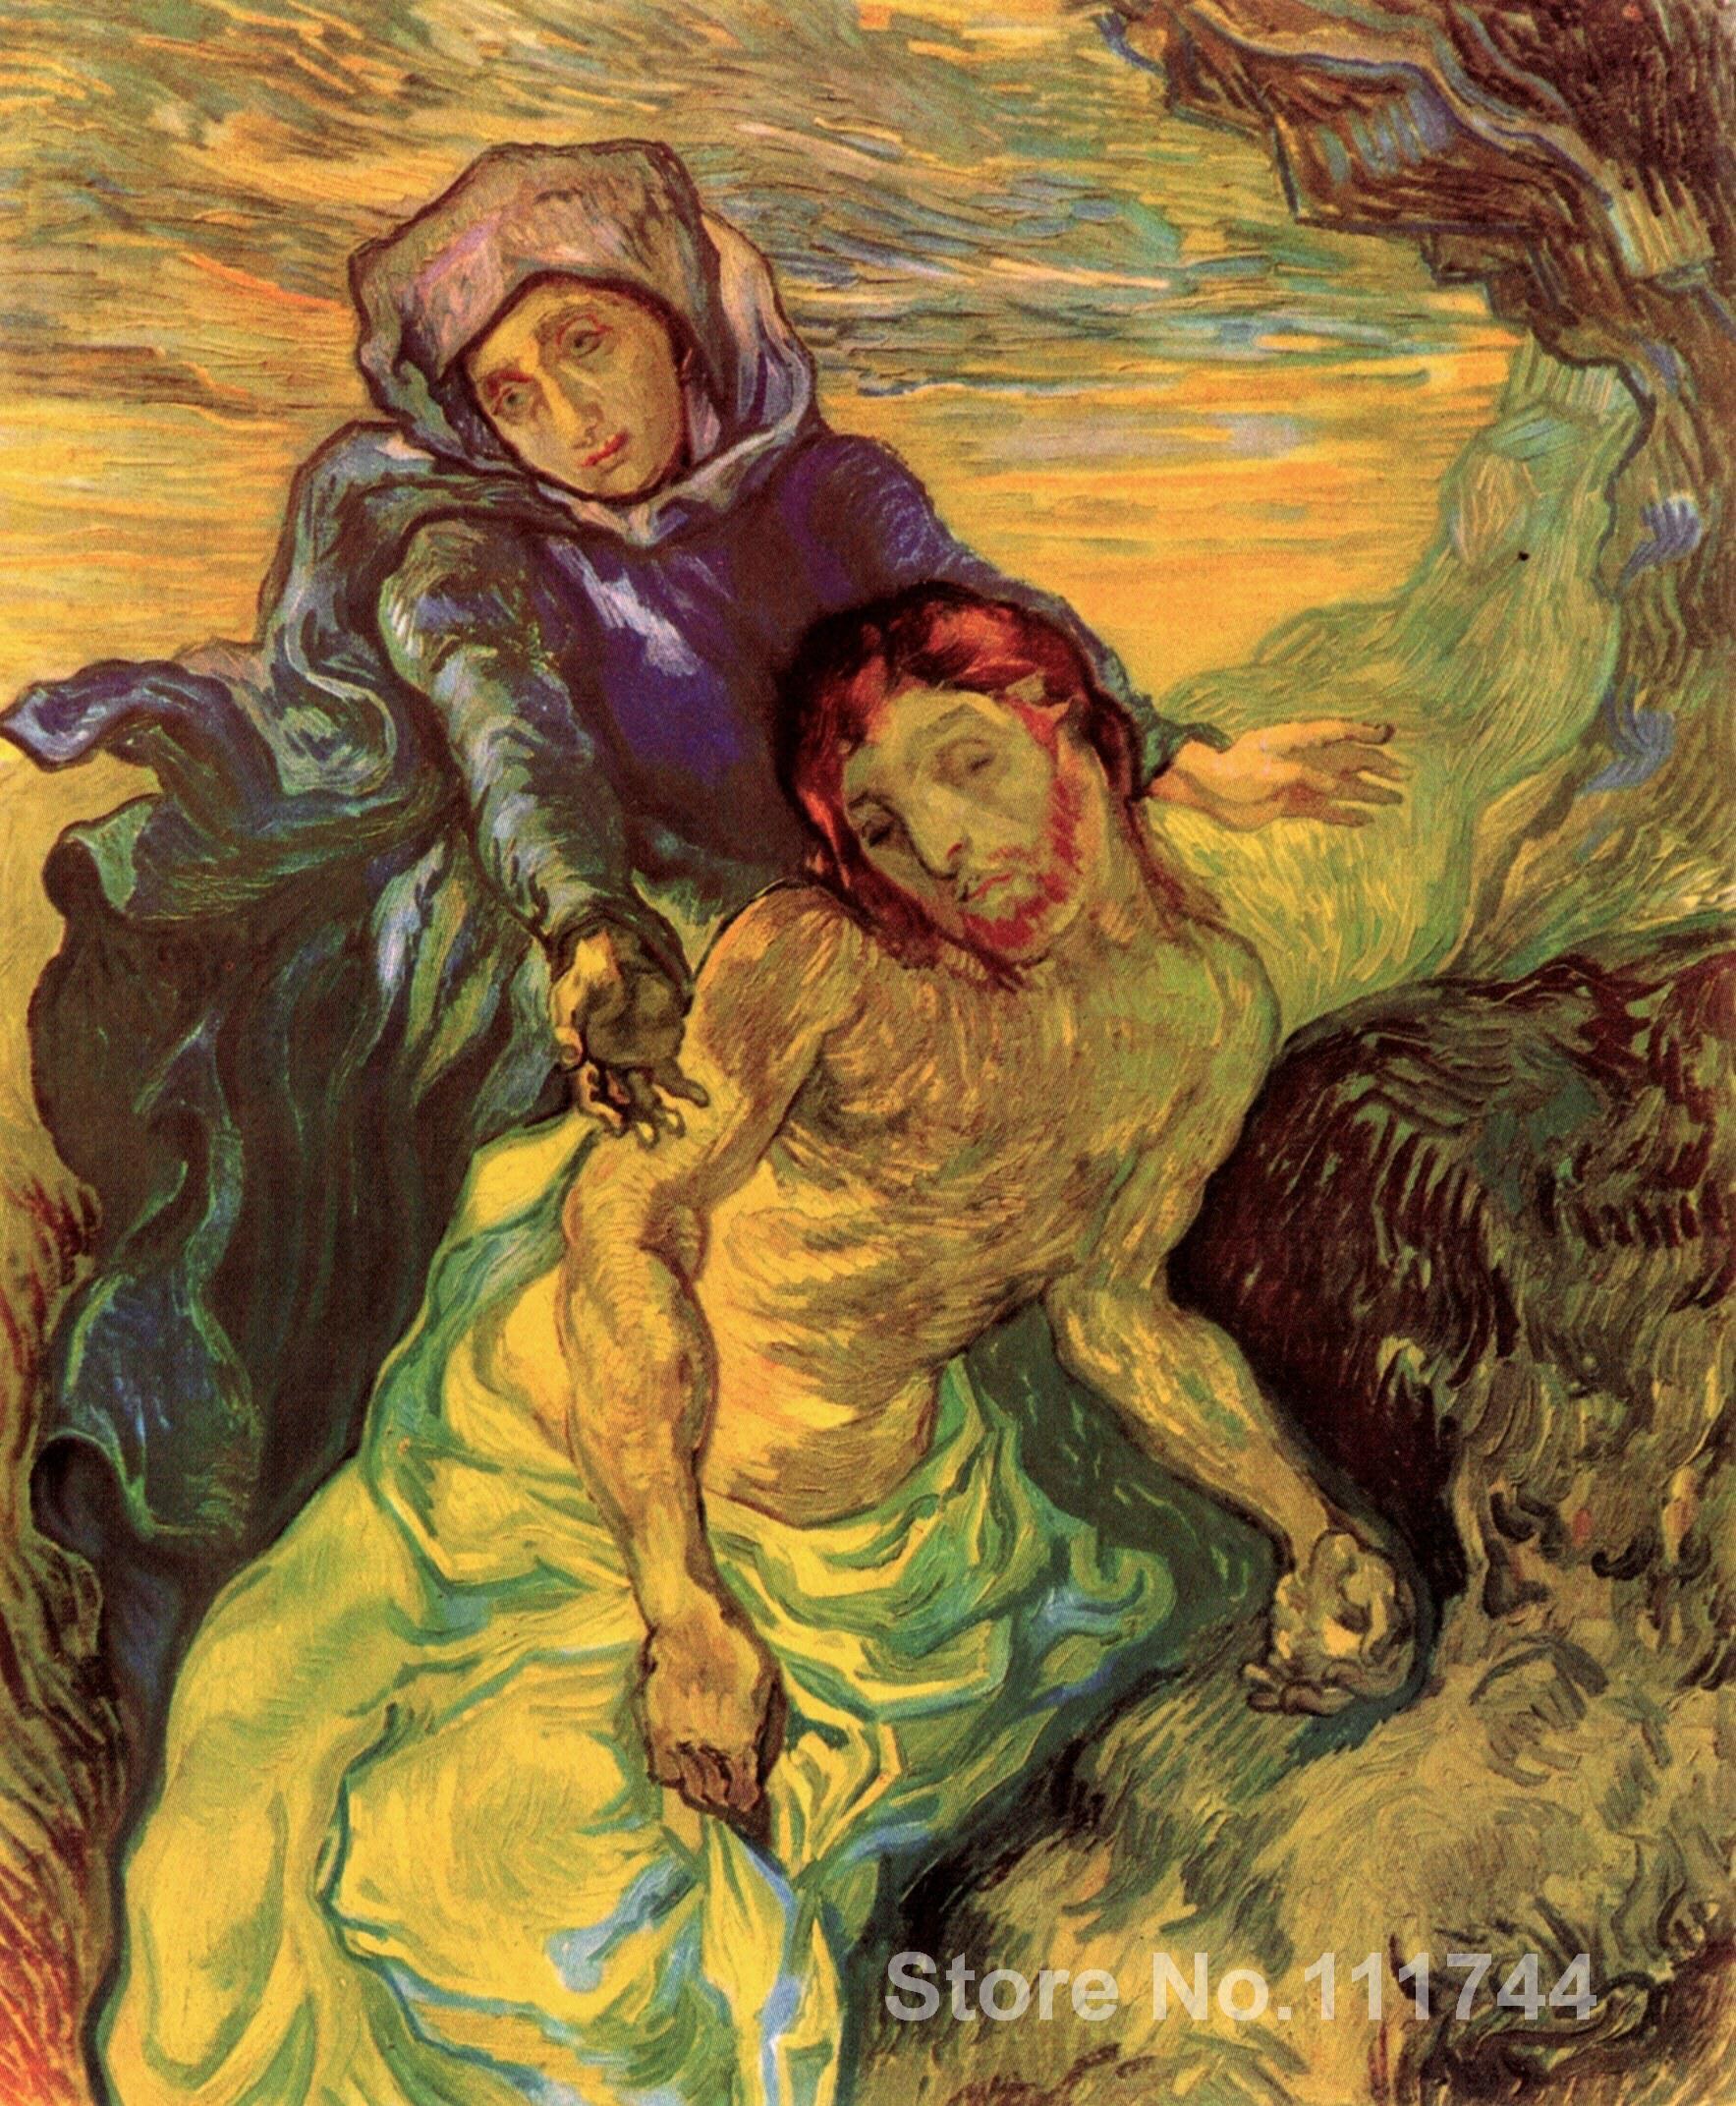 US $83.46 22% di SCONTO|Famoso Vincent Van Gogh dipinti di arte per la  camera da letto PIETÀ dipinto A Mano di Alta qualità-in Pittura e  calligrafia ...